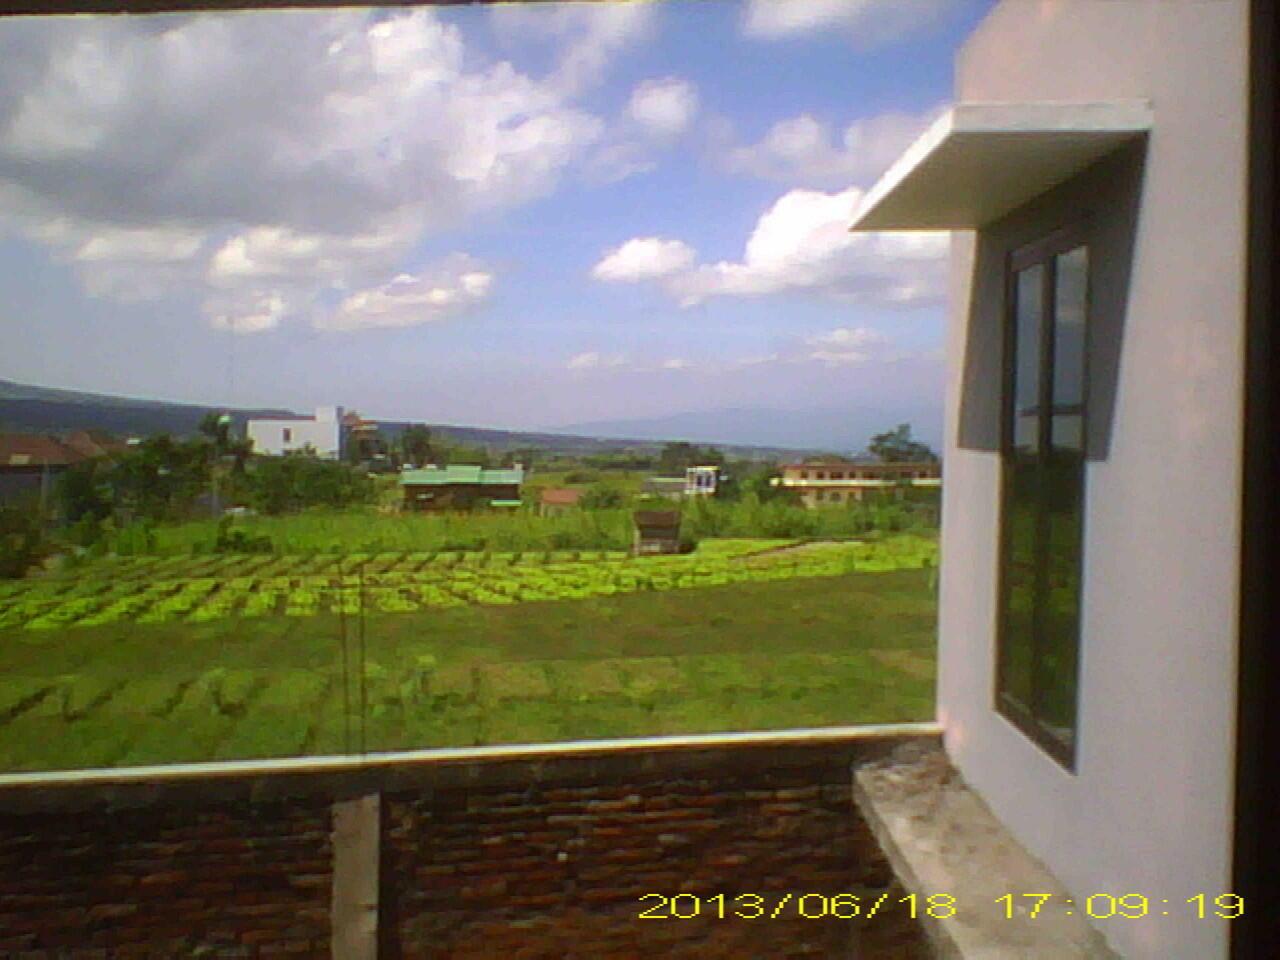 Rumah Eksklusif Hunian dengan pesona alam menawan di Batu Malang